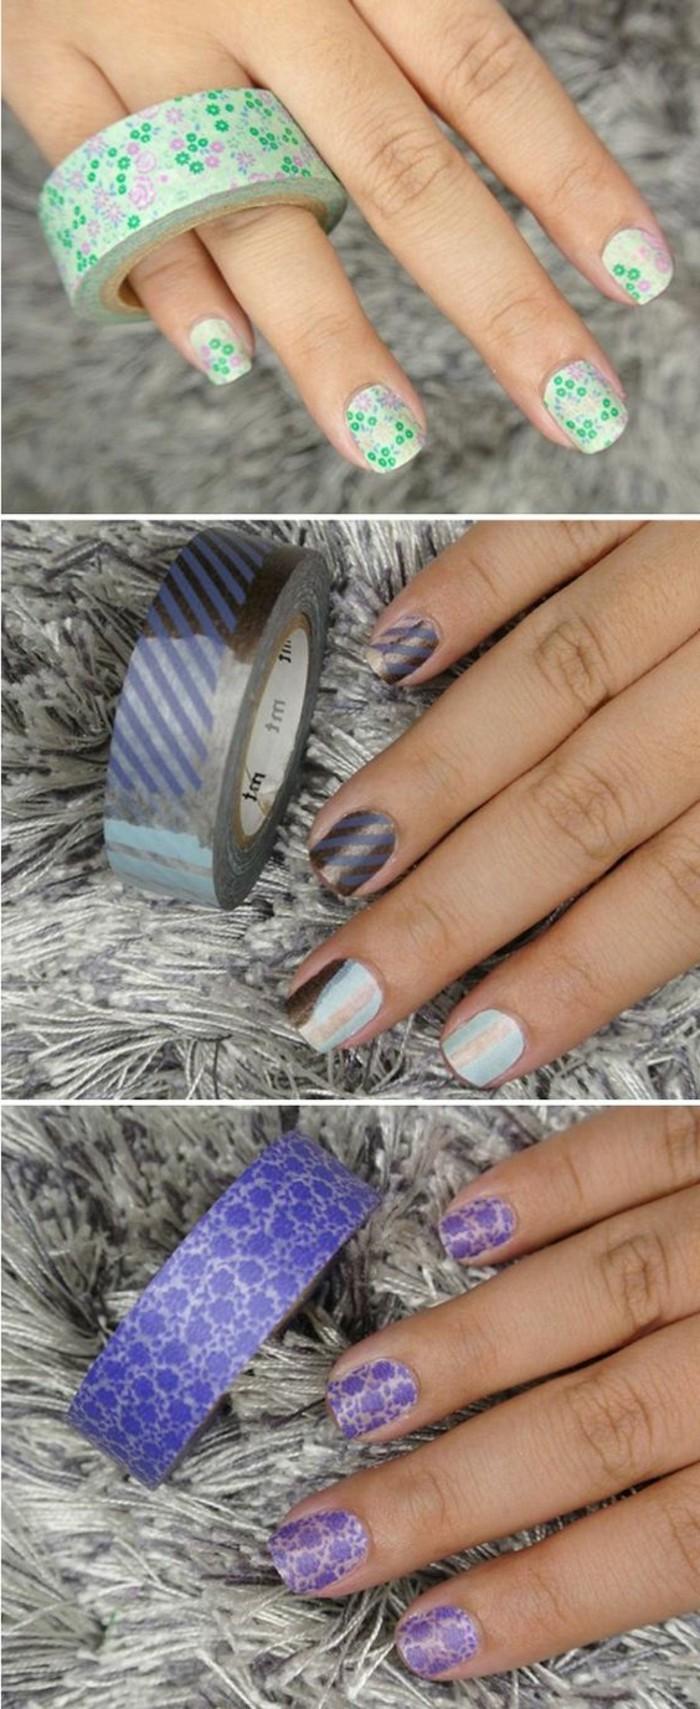 nail-art-avec-du-ruban-adhesif-decoratif-motifs-liberty-pour-un-look-feminin